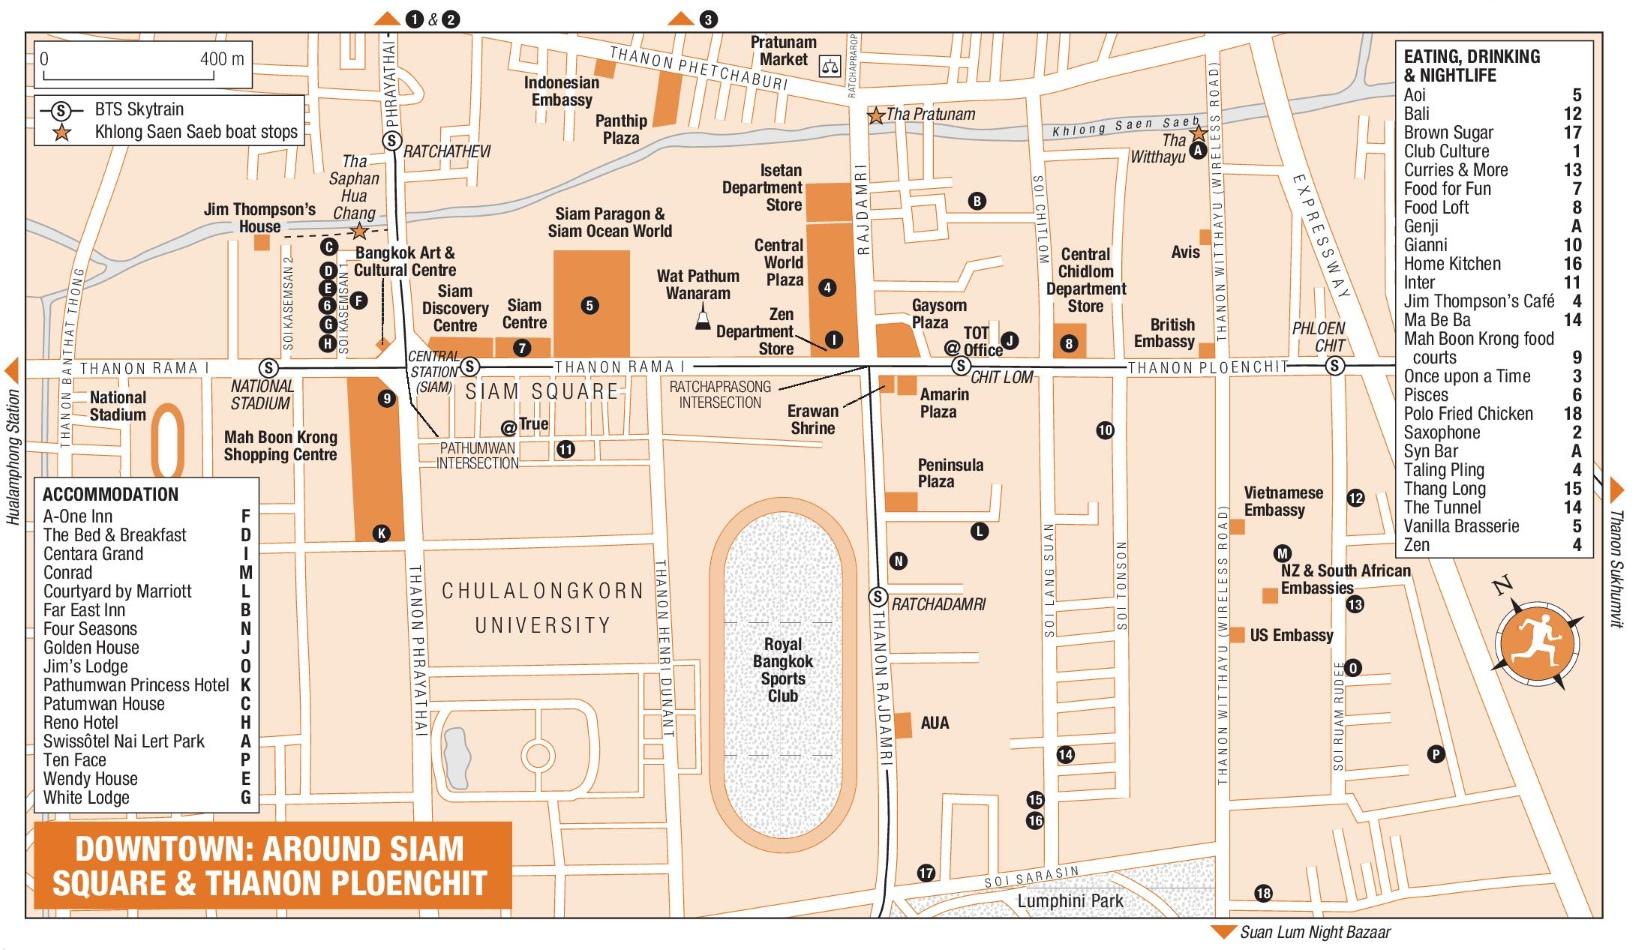 Around Siam Square And Thanon Ploenchit Map Bangkok - Reno hotels map